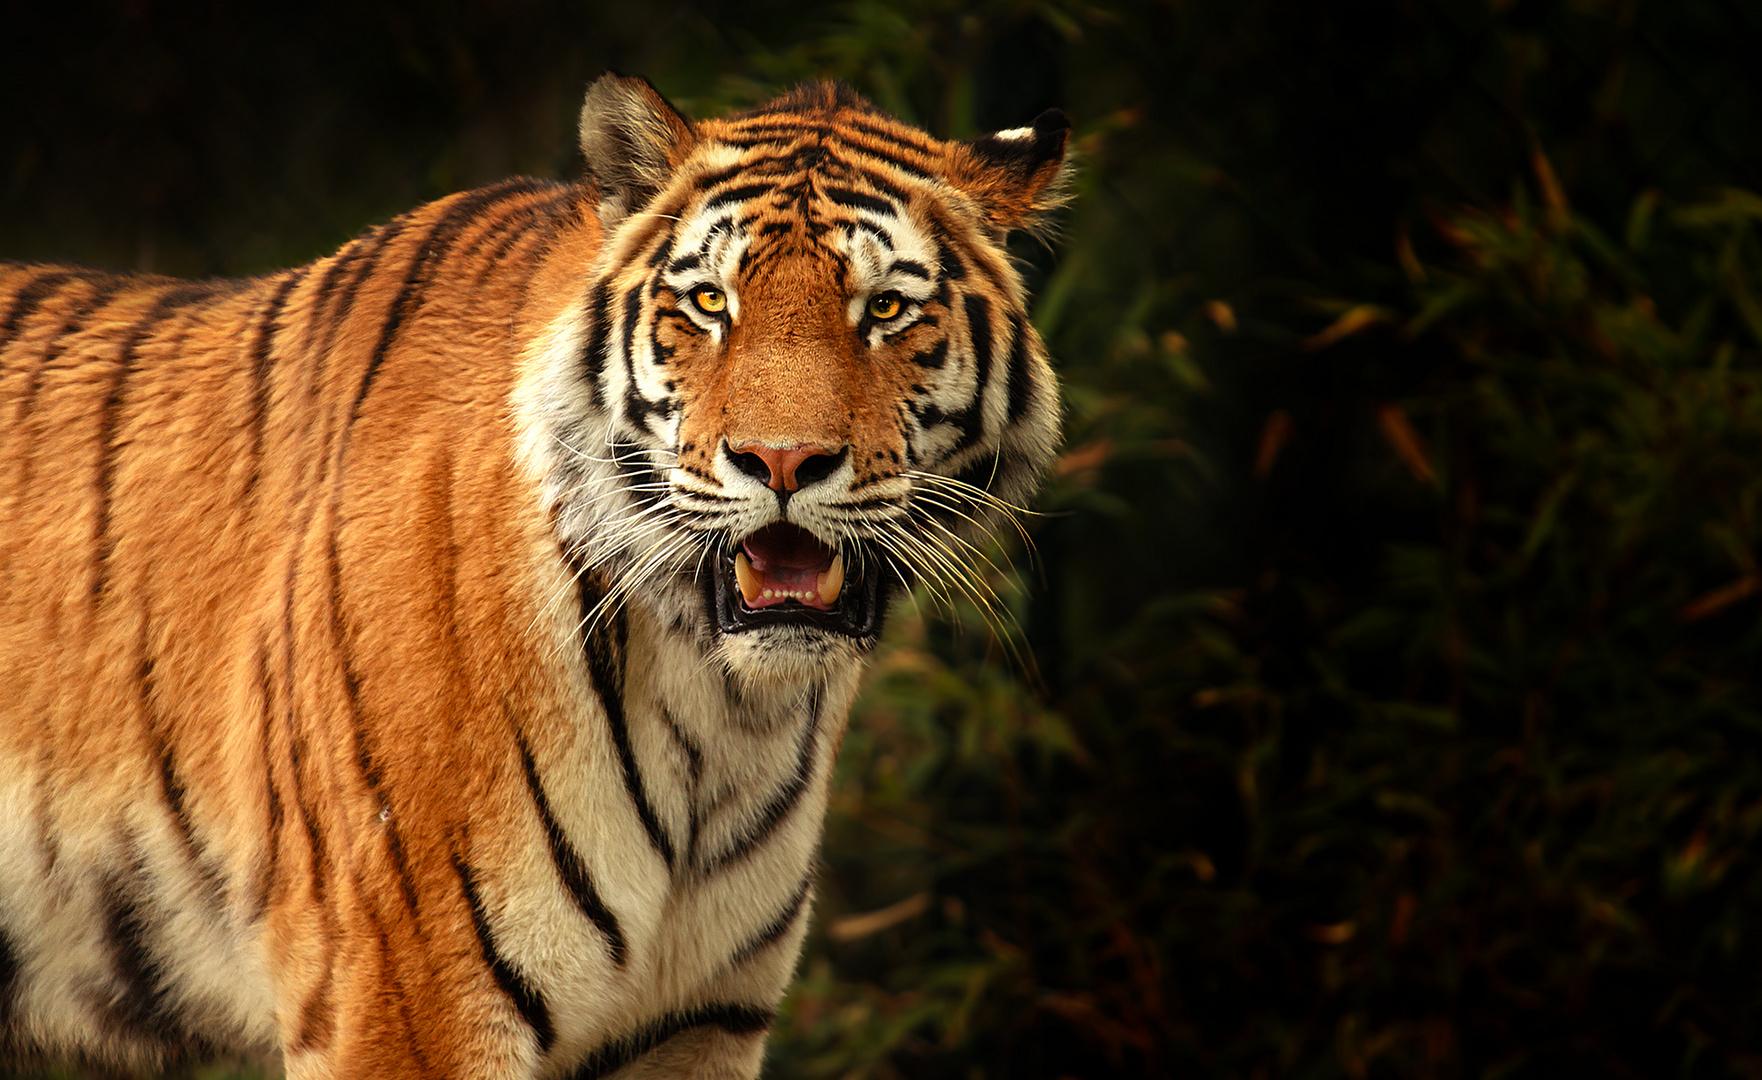 Direkter Blickkontakt mit dem Tiger....